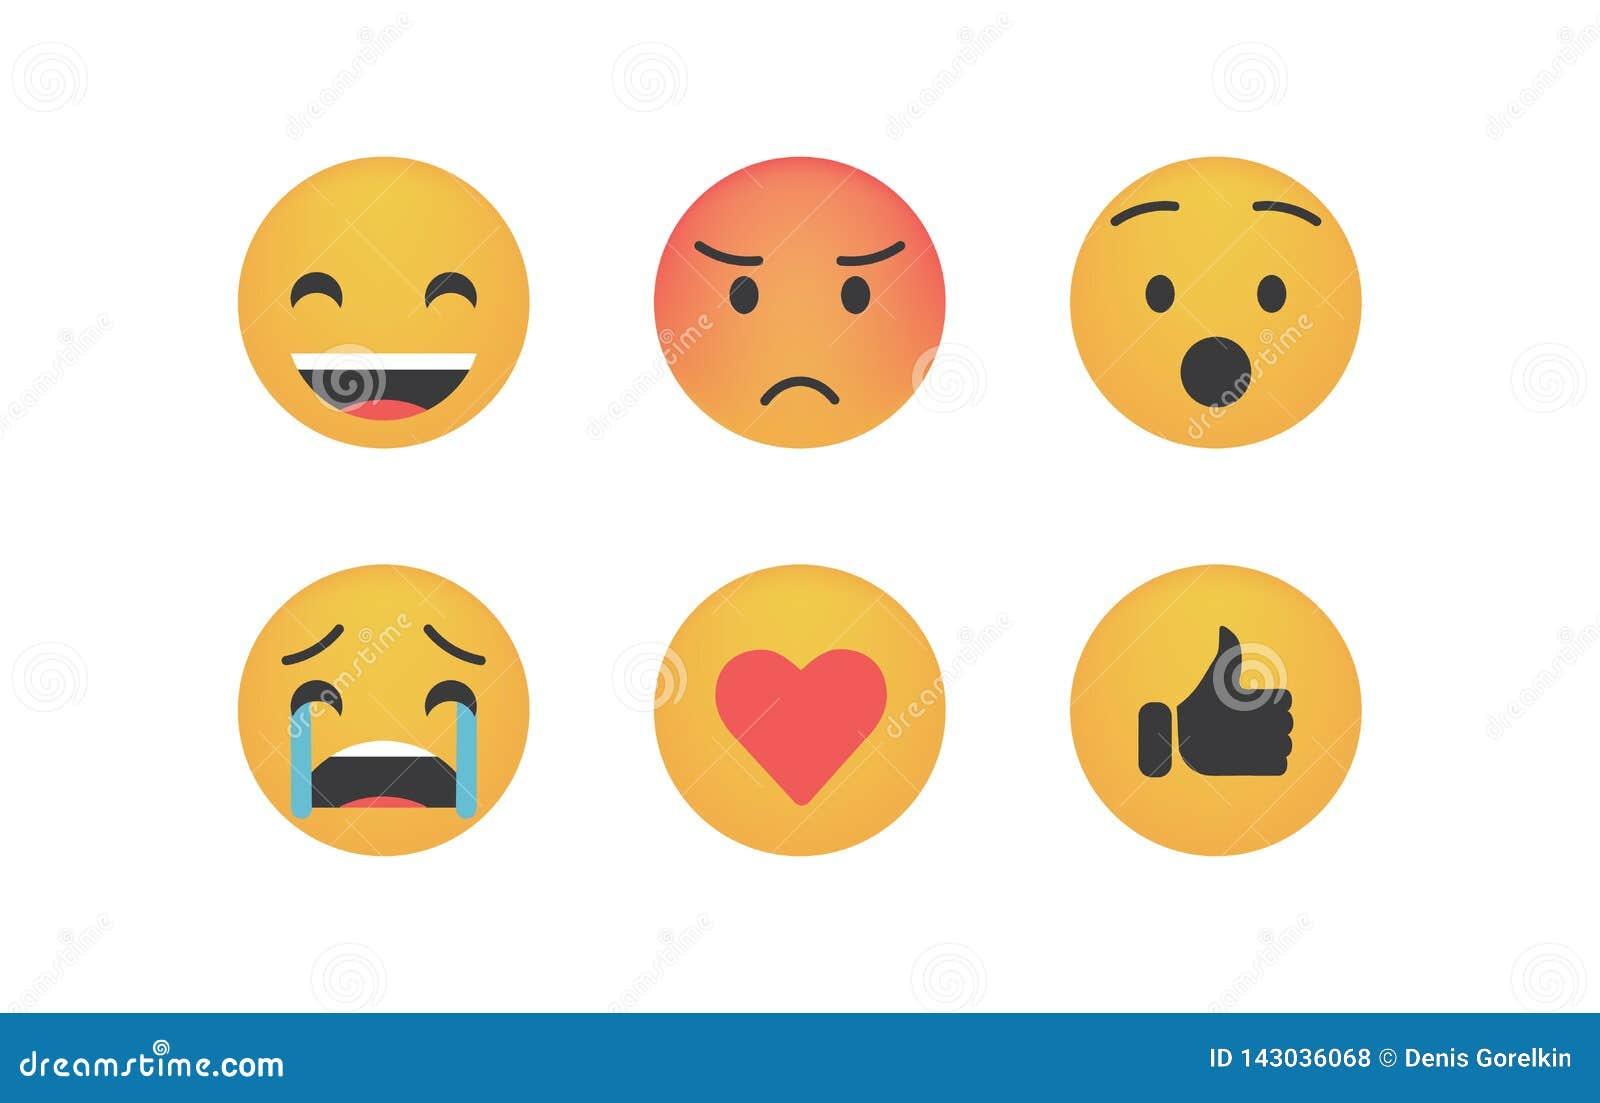 Set reakcje wektorowe